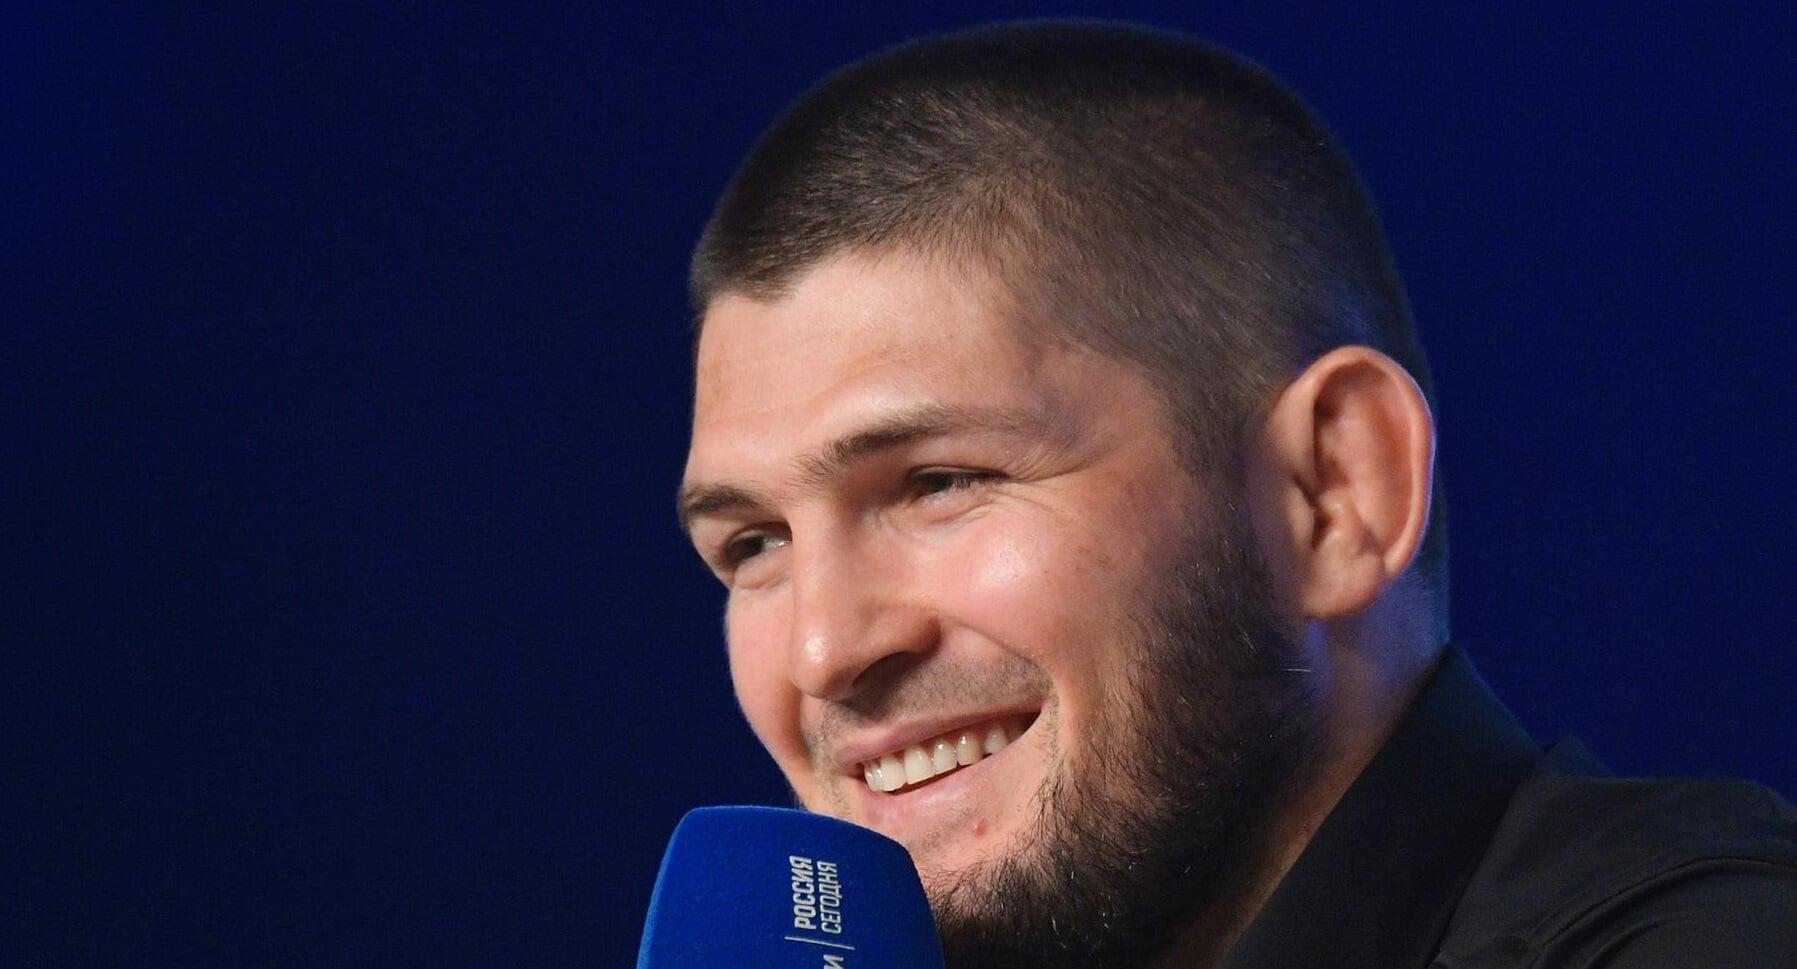 Комбаров о шутке Хабиба про Конора и дагестанцев: Хороший юмор, в стиле UFC. Вы слишком серьезно относитесь к этому